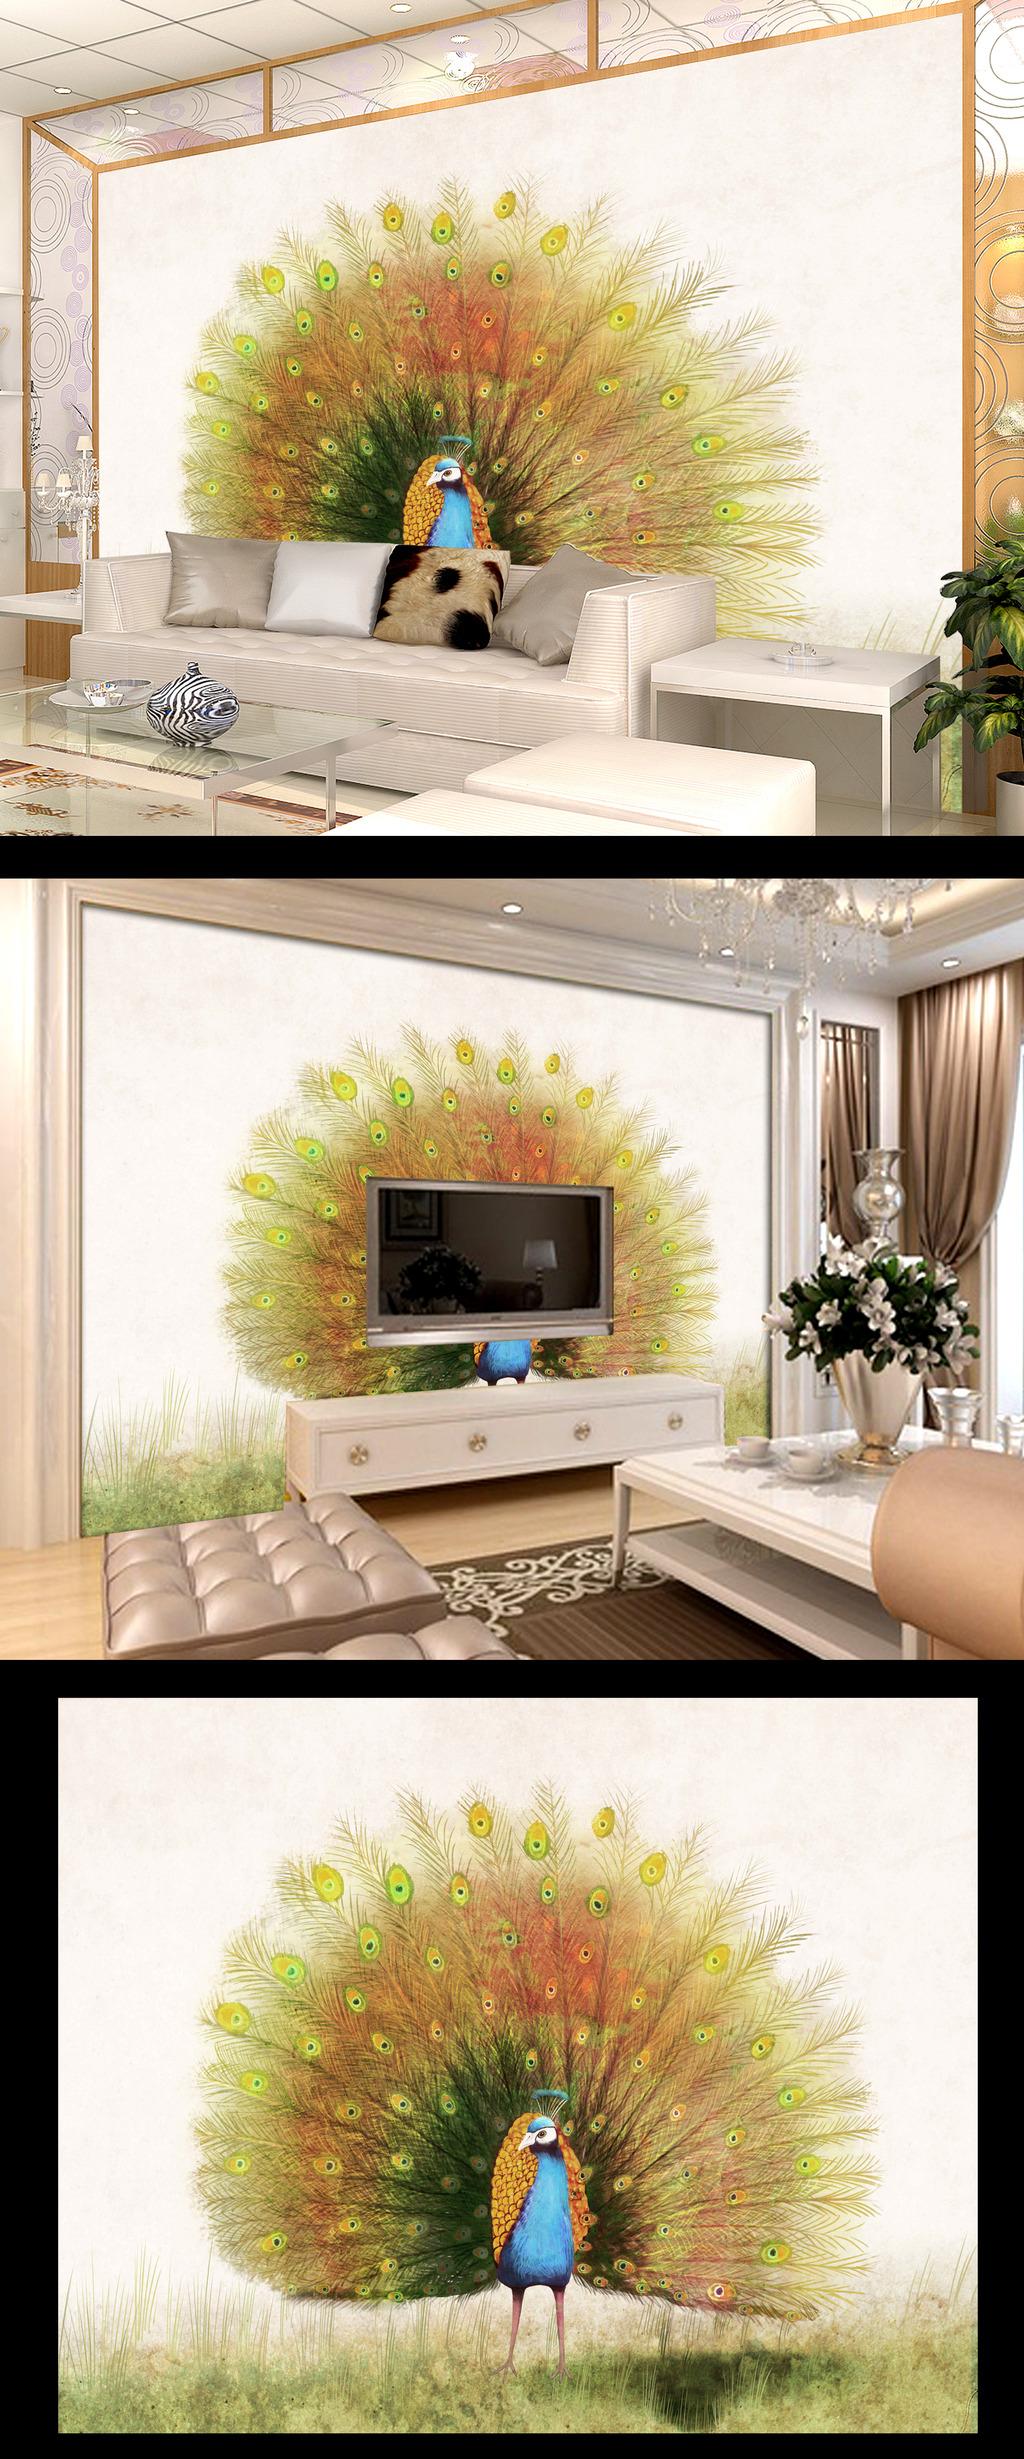 手绘彩绘孔雀电视背景墙